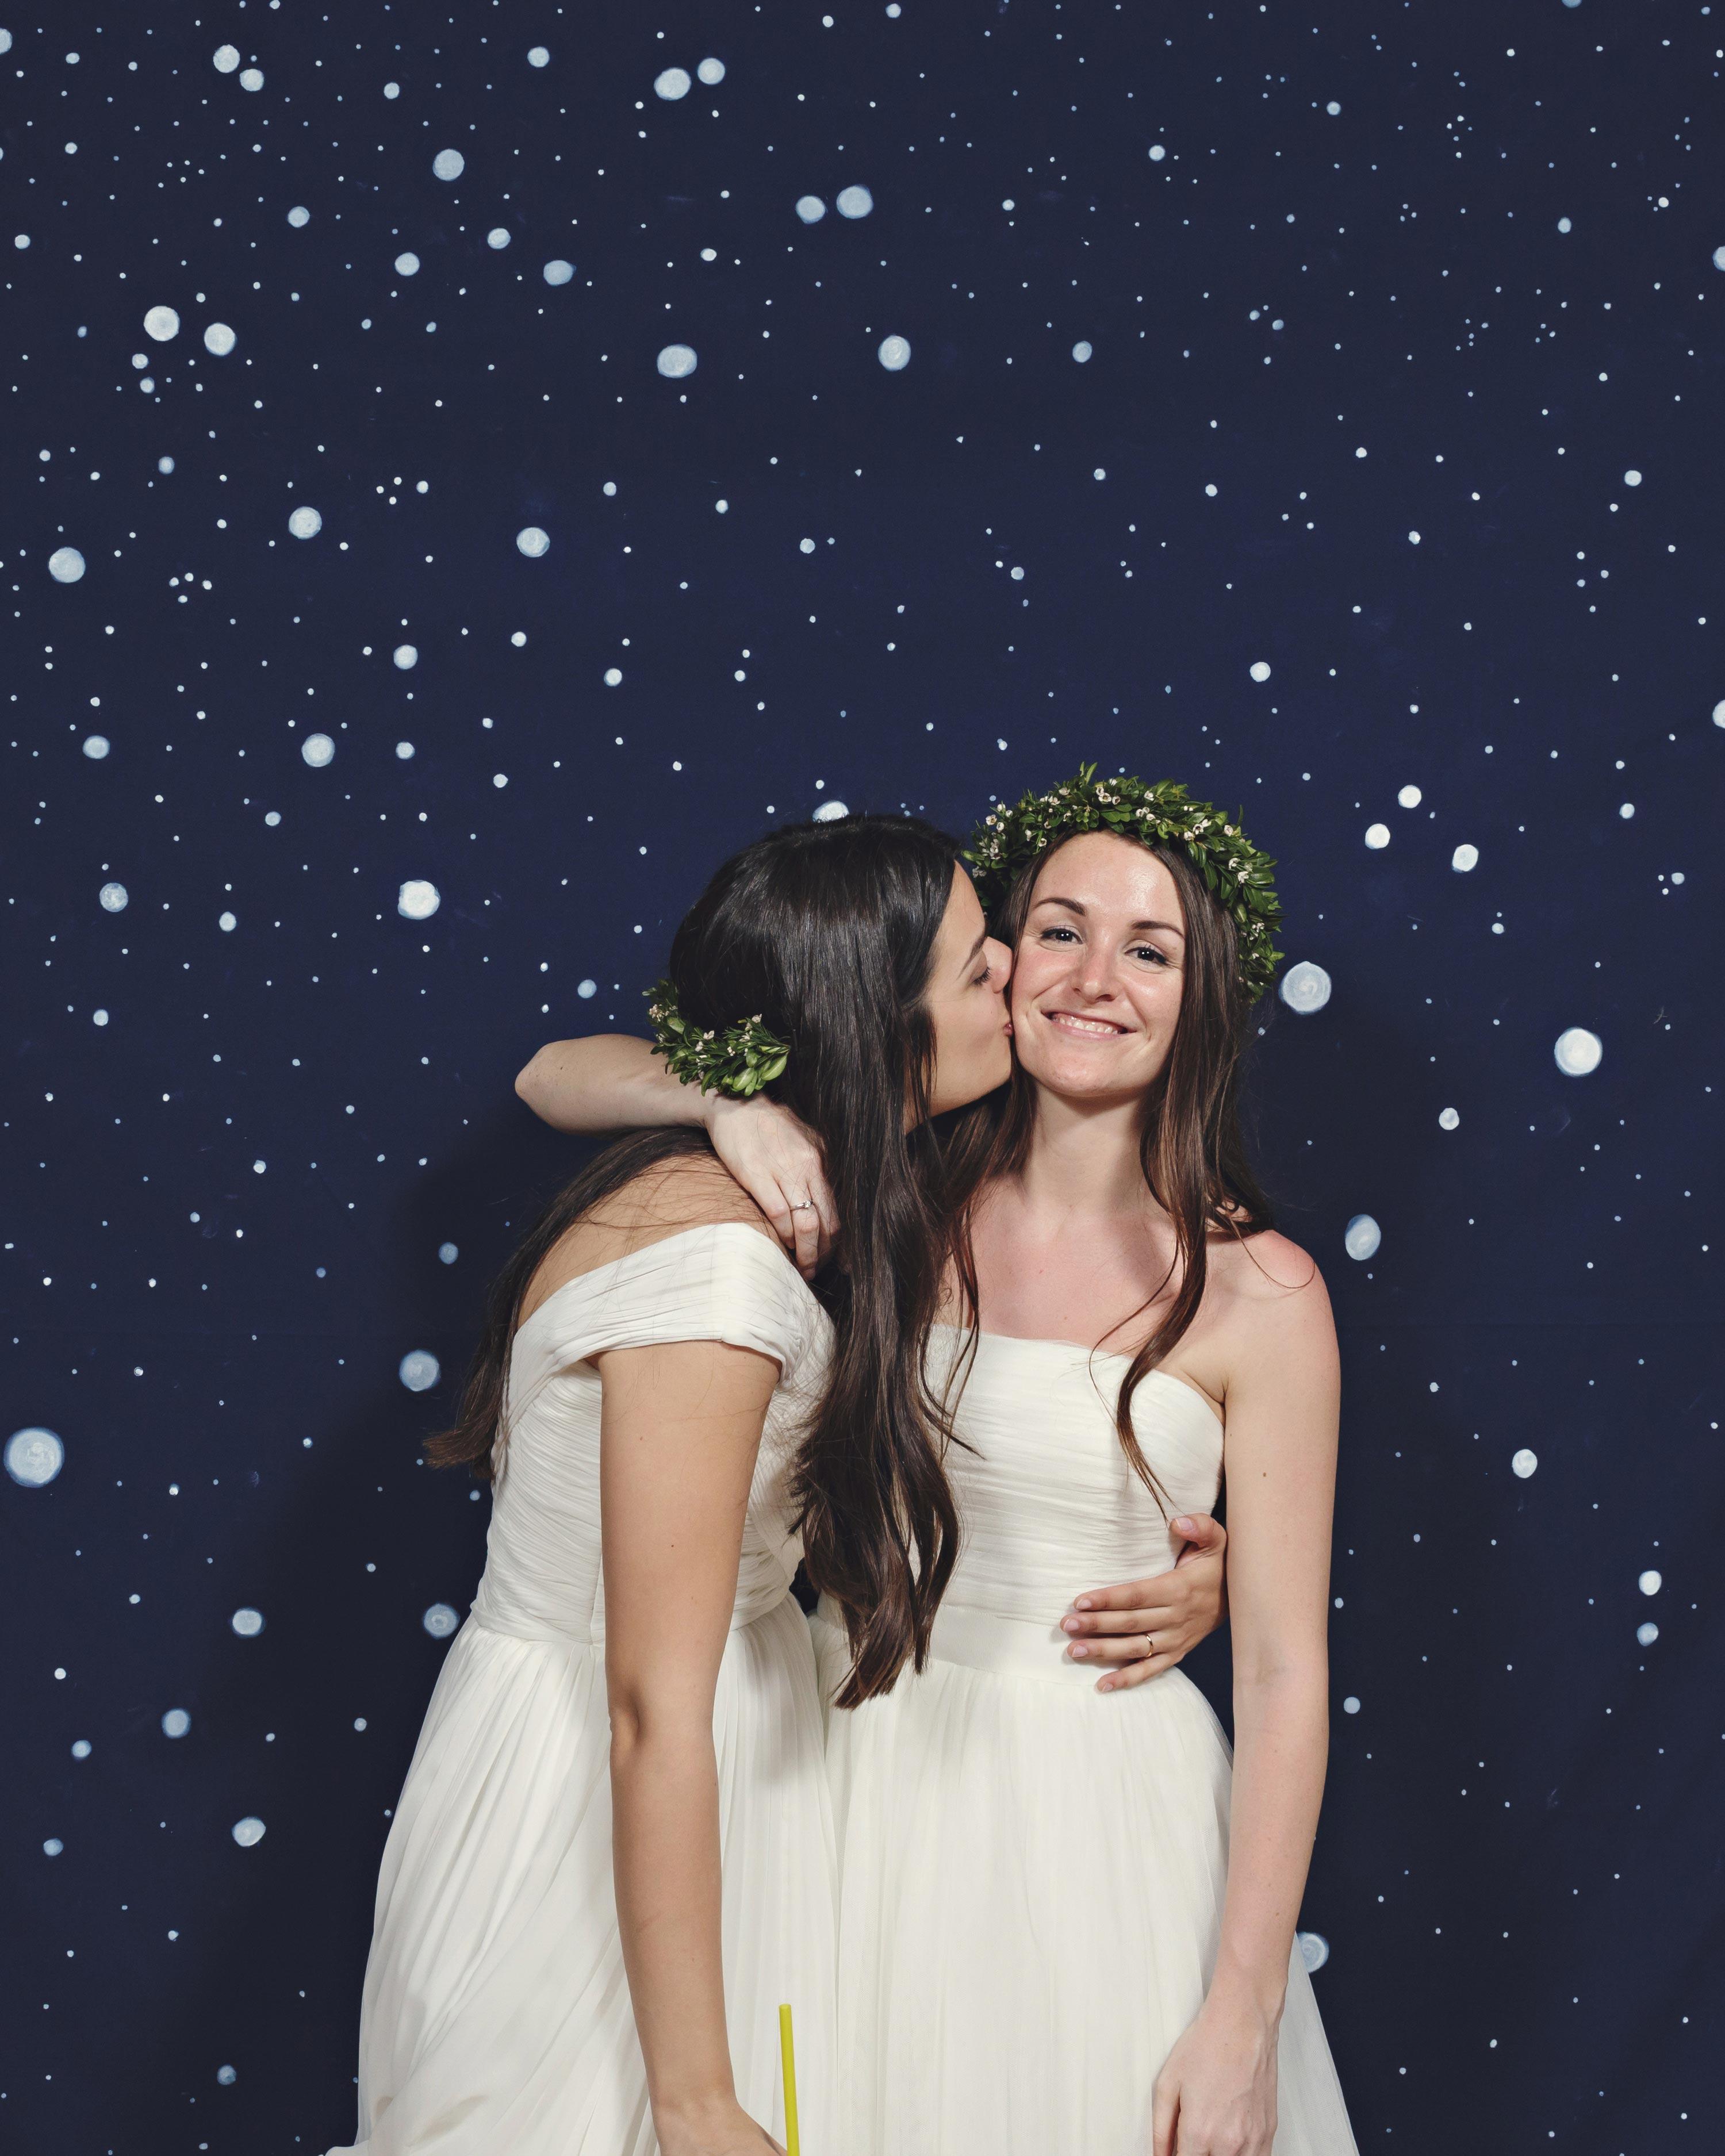 anna-ania-wedding-photobooth-108-s112510-0216.jpg